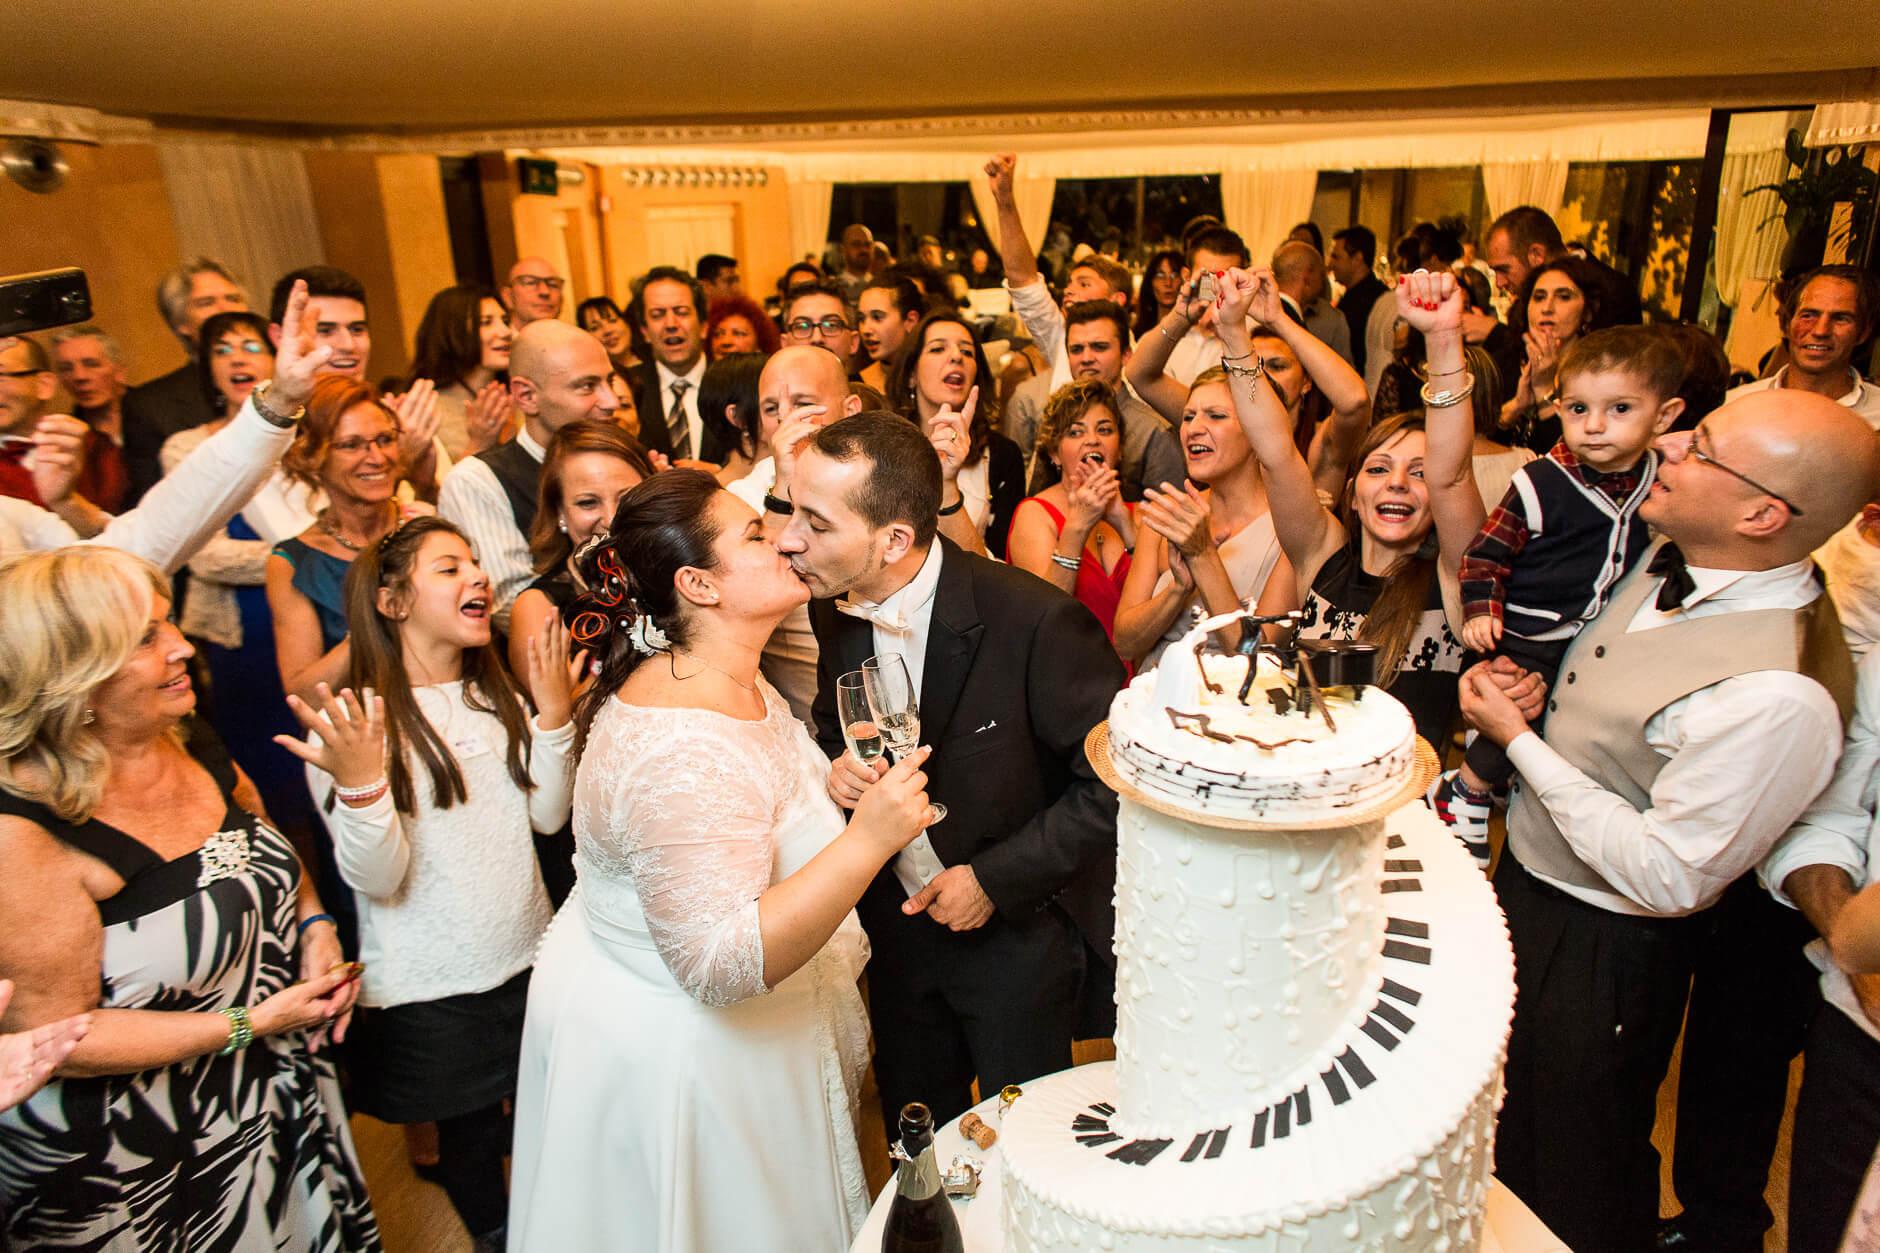 Matrimonio Tema Musical : Tema del matrimonio quale scegliere ecco idee